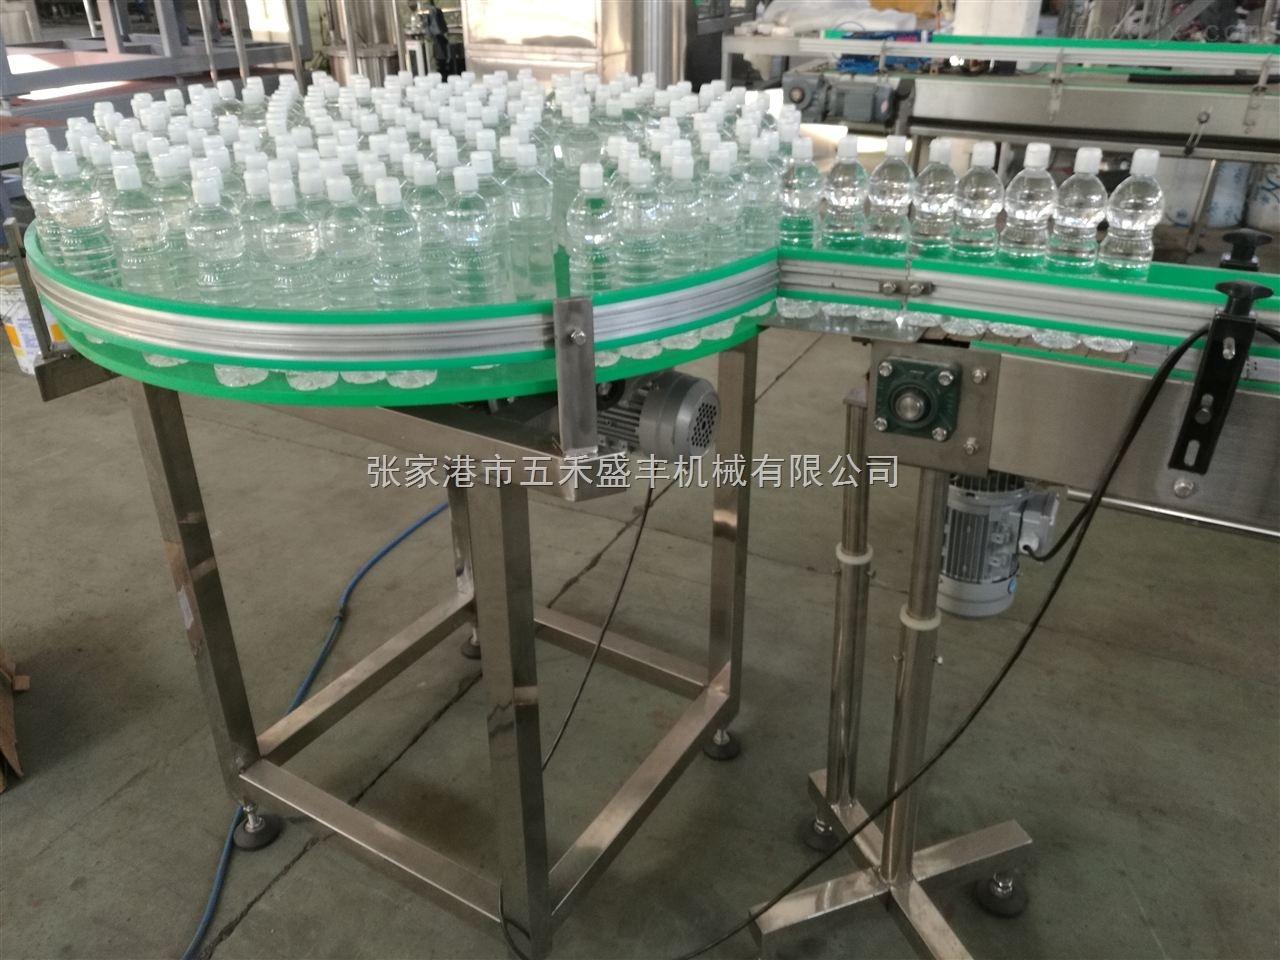 瓶子收集平台+旋转累积桌